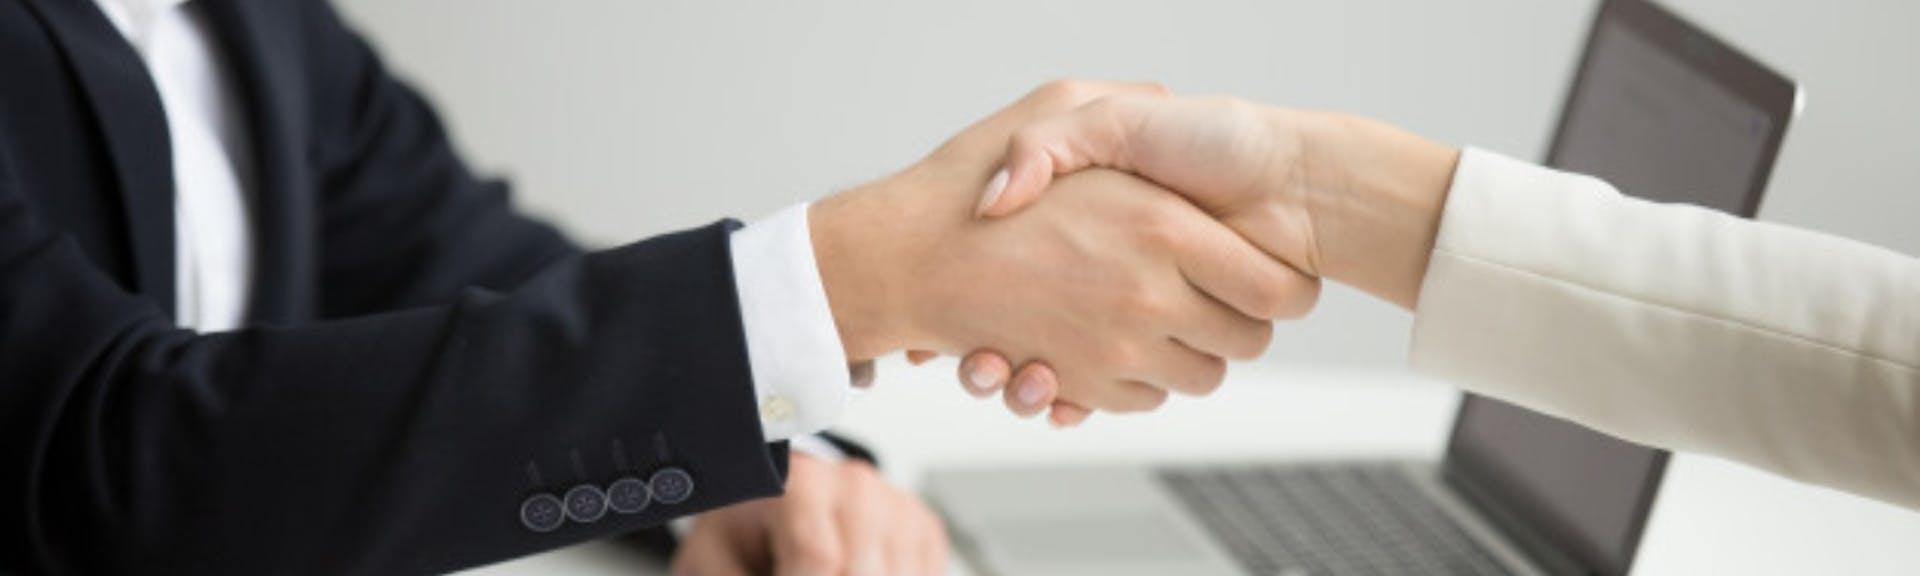 Estrategias de negociación: descubre cómo influir en los demás de manera efectiva